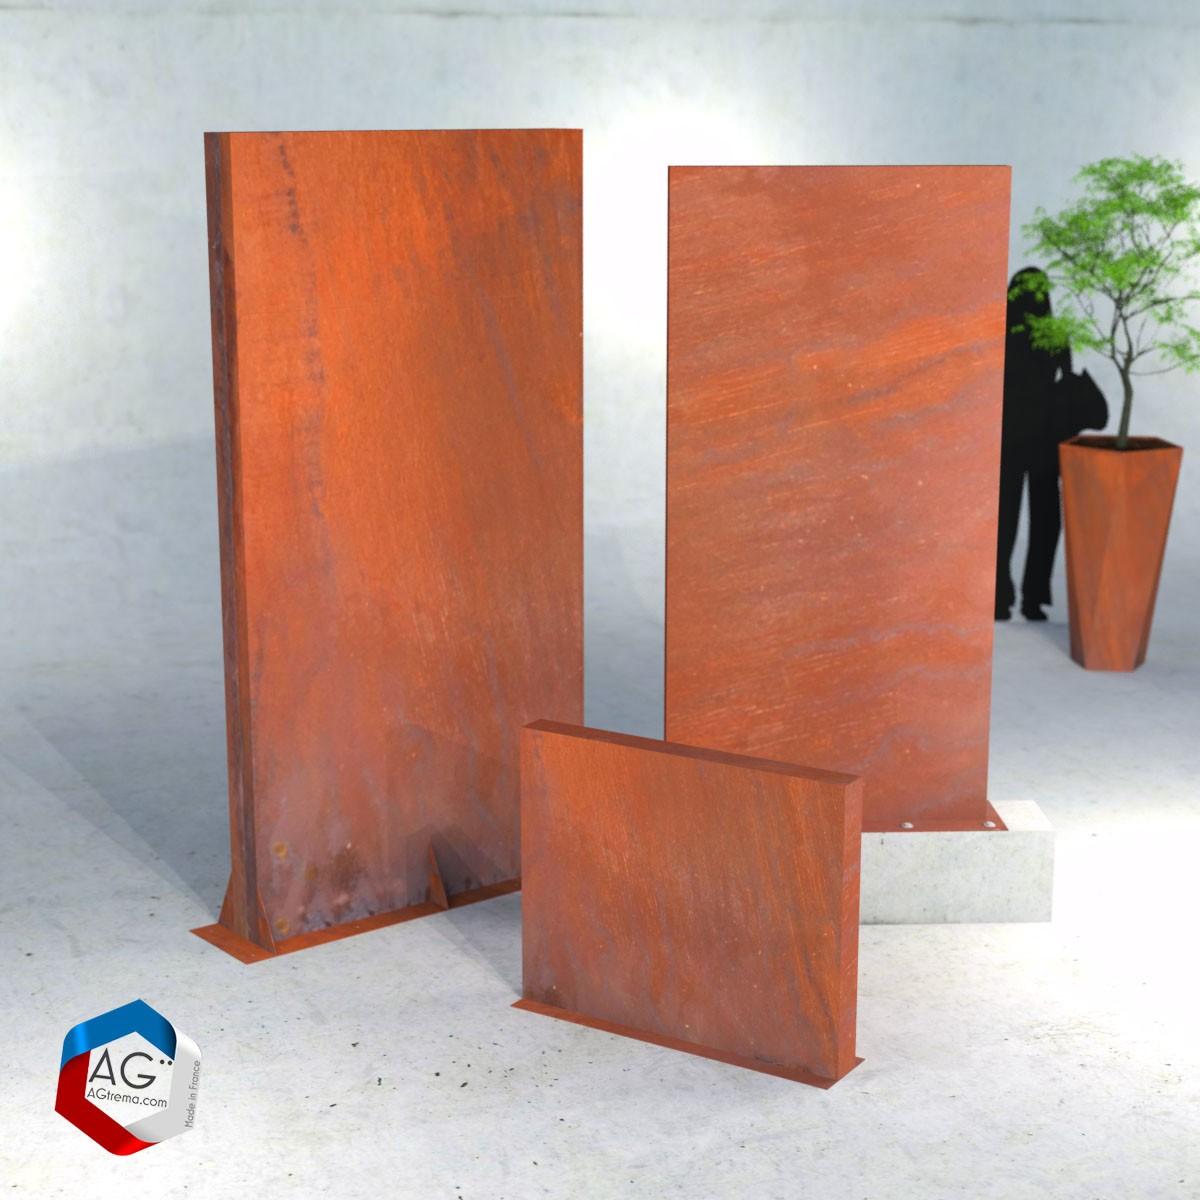 Hauteur Maximum Mur De Séparation brise-vue modernes type mur en acier corten - agtrema